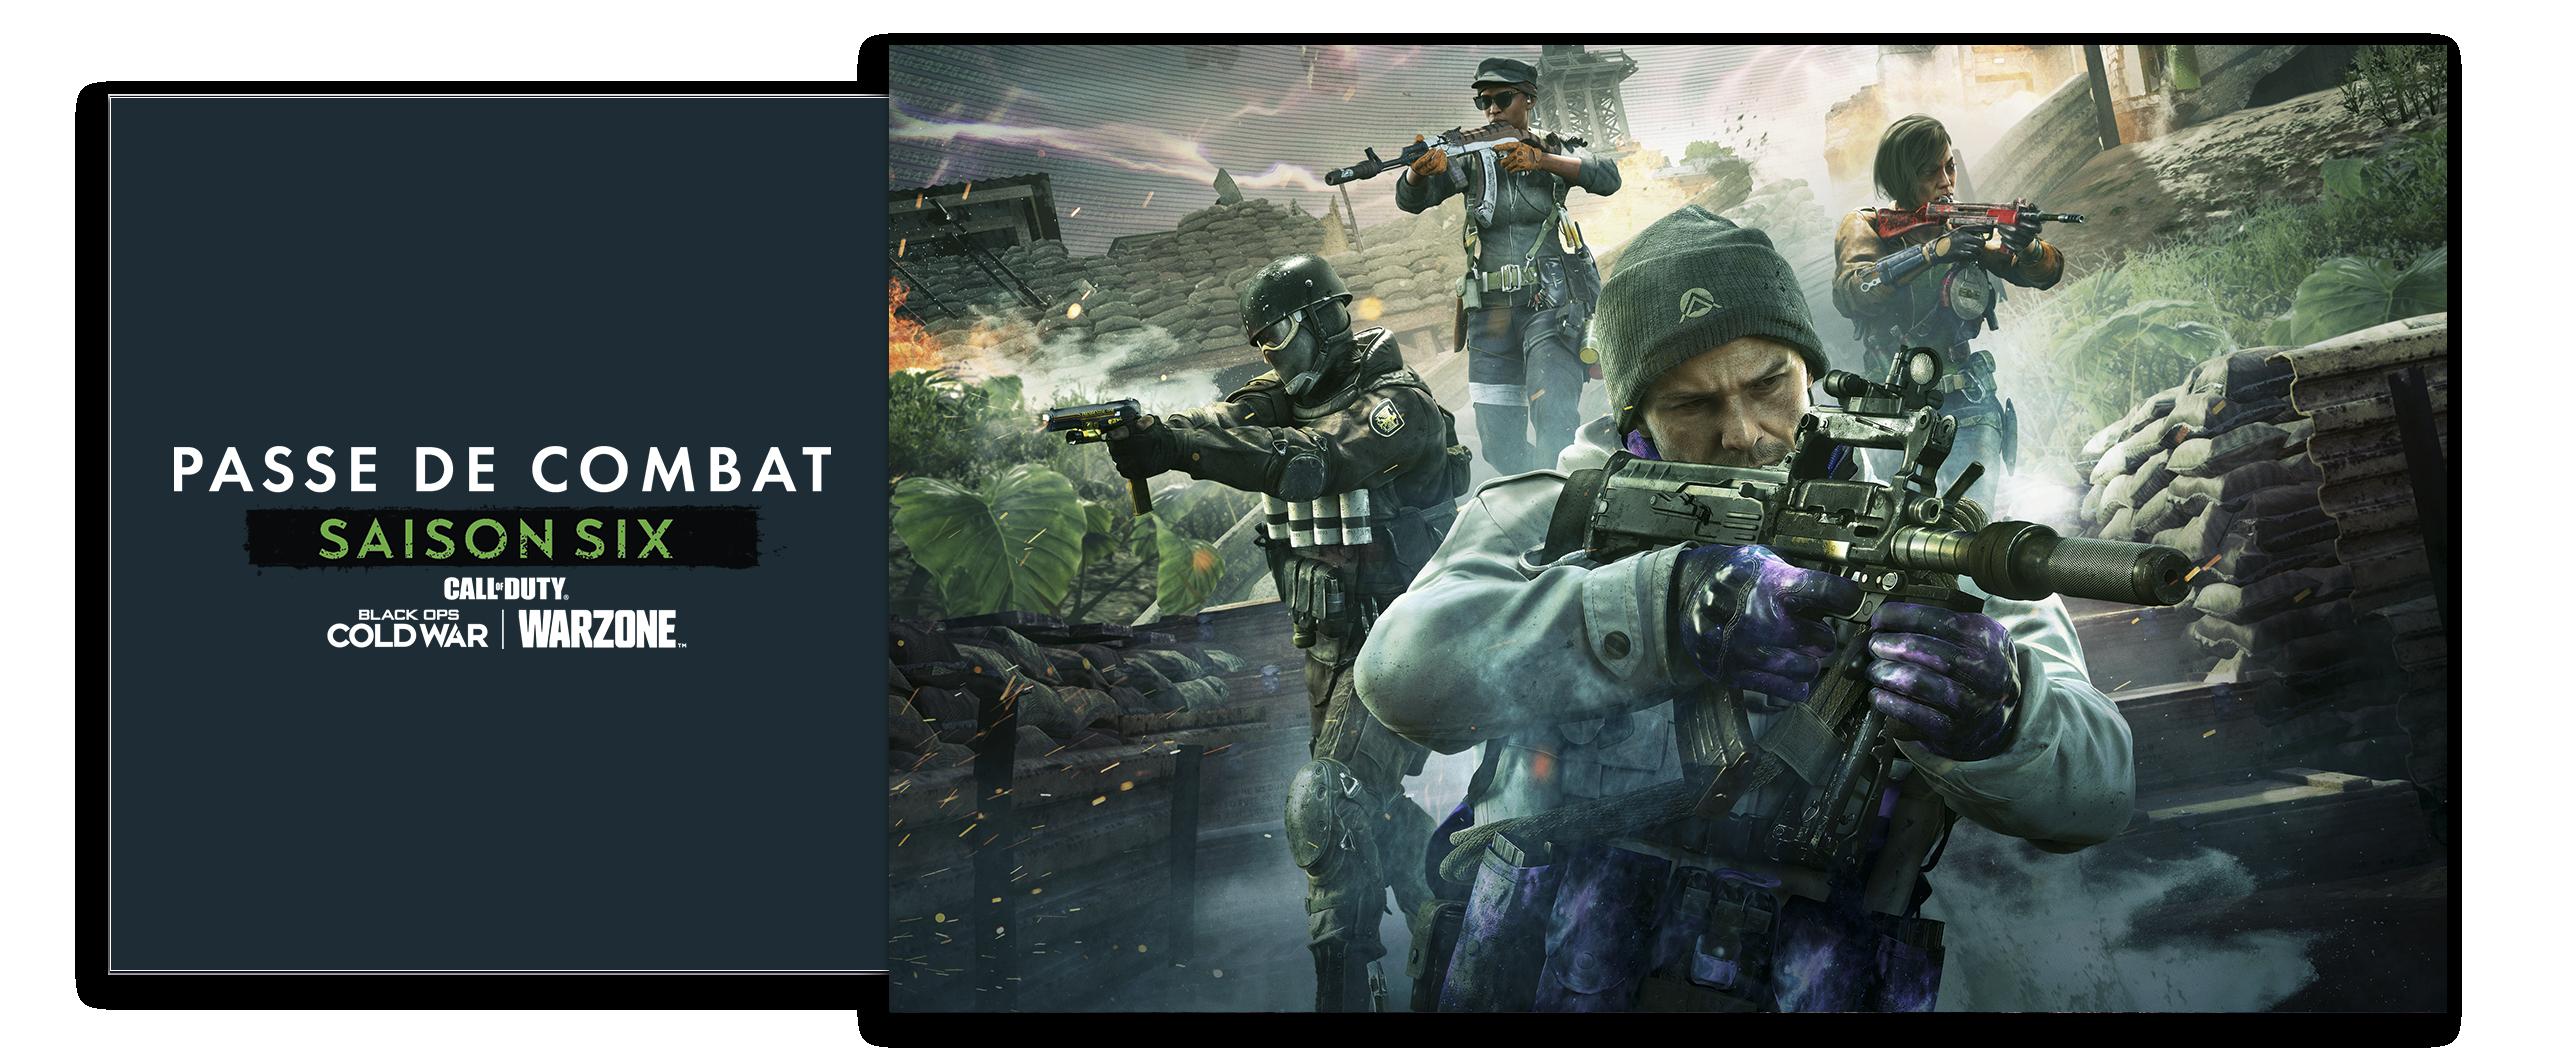 Call of Duty Black Ops Cold War Season 6 Battle Pass artwork